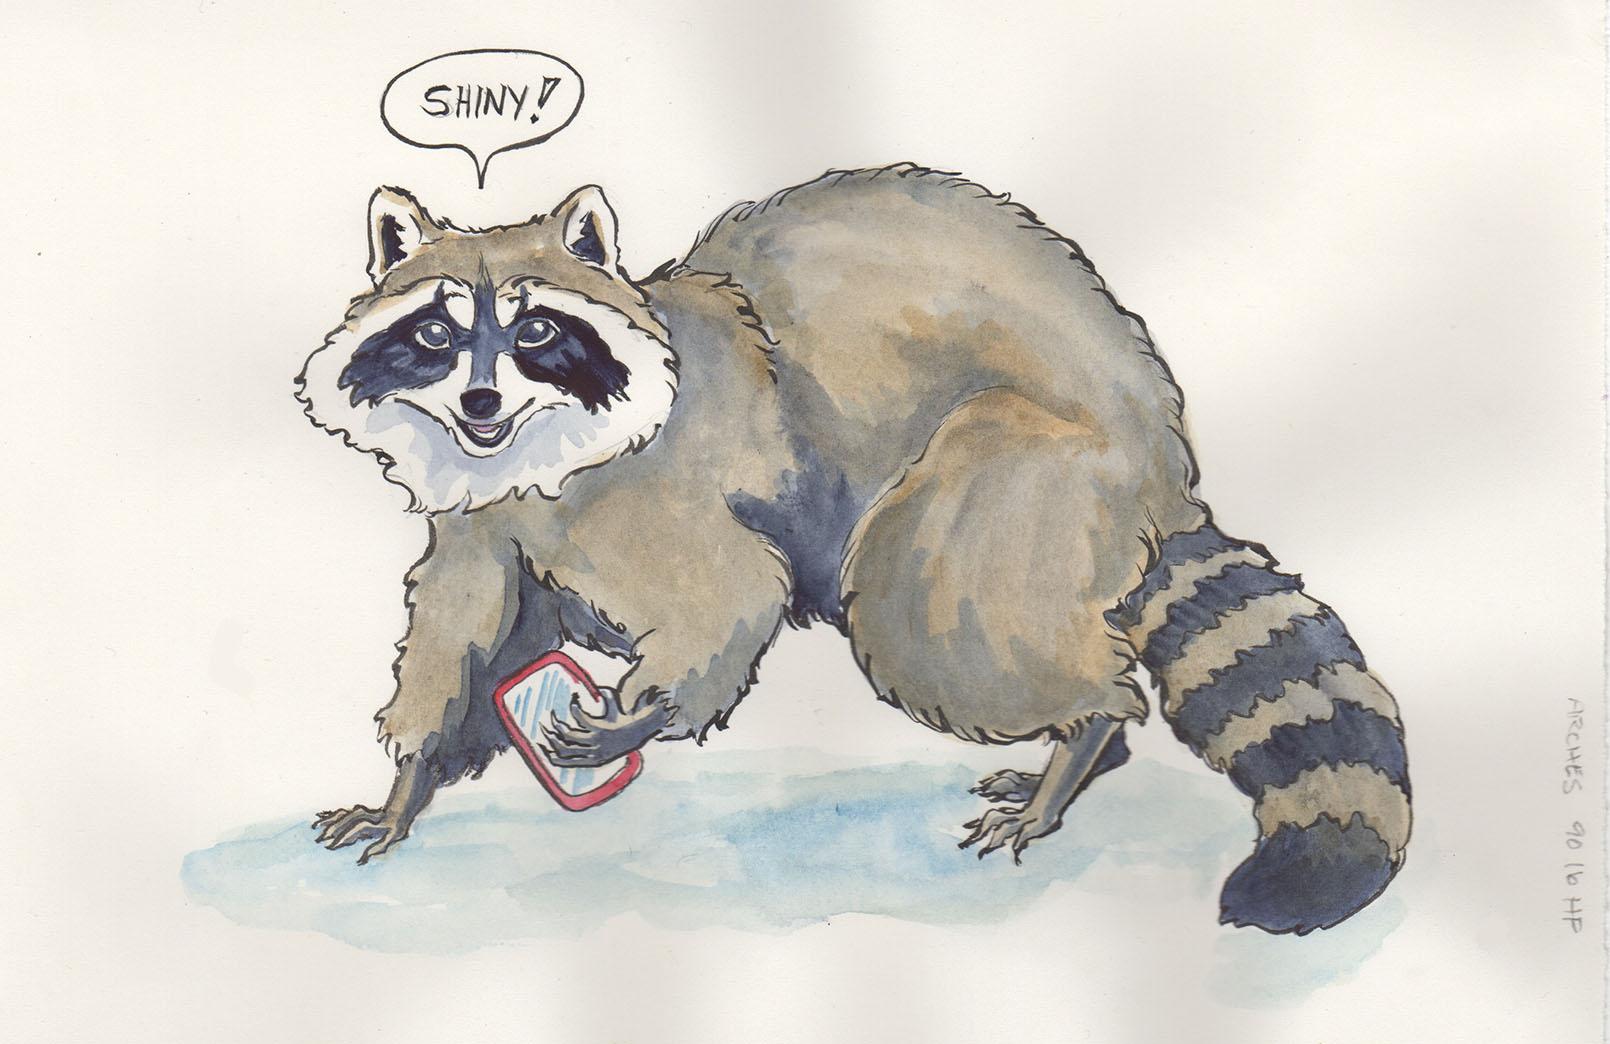 1610x1044 Testing Watercolour Paper With Renfrew The Raccoon Karen